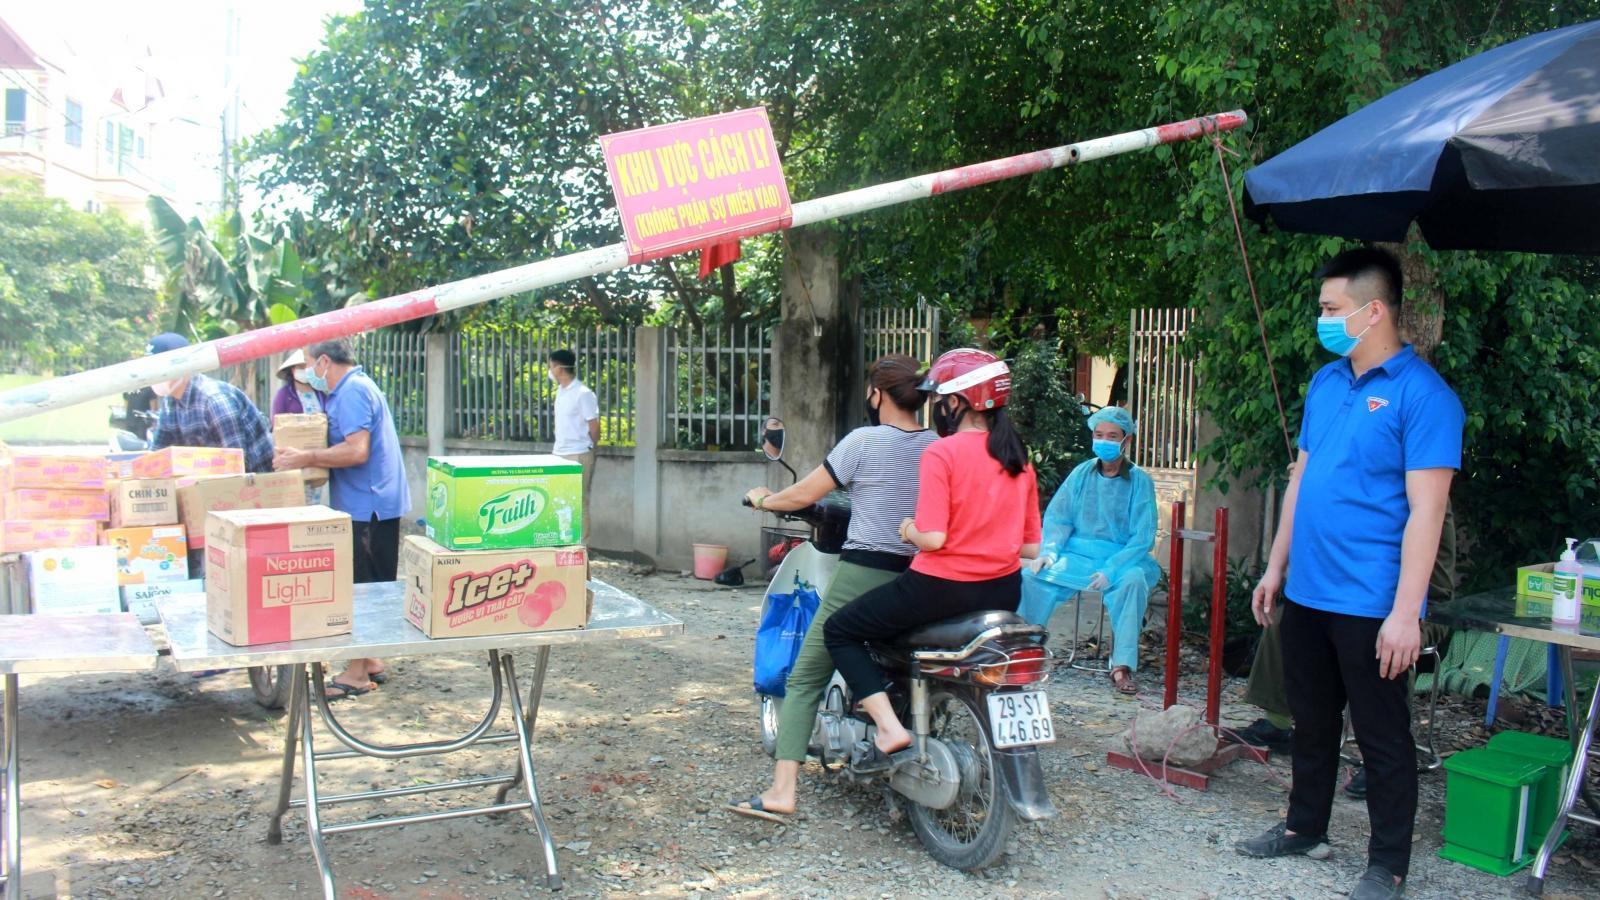 Phong tỏa khu dân cư bệnh nhân Covid-19 sinh sống ở huyện Đông Anh, Hà Nội